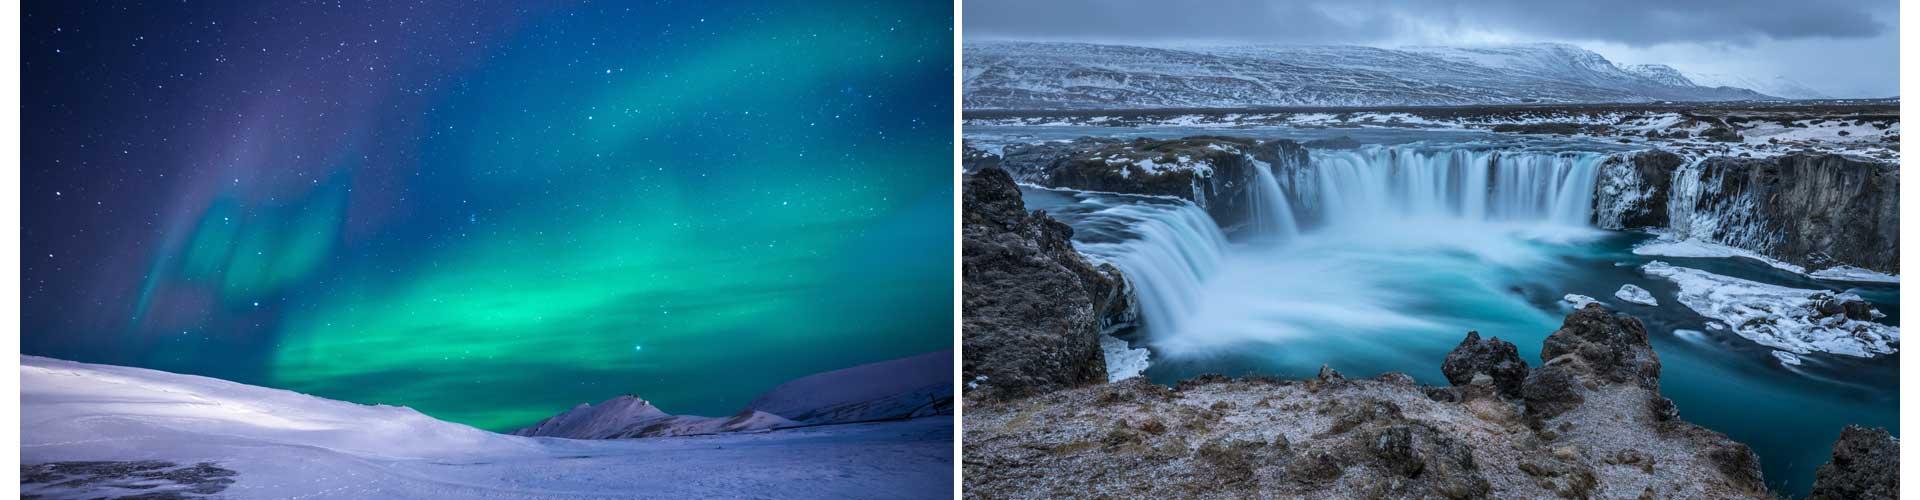 Island Reisetagebuch nordlicht wasserfall